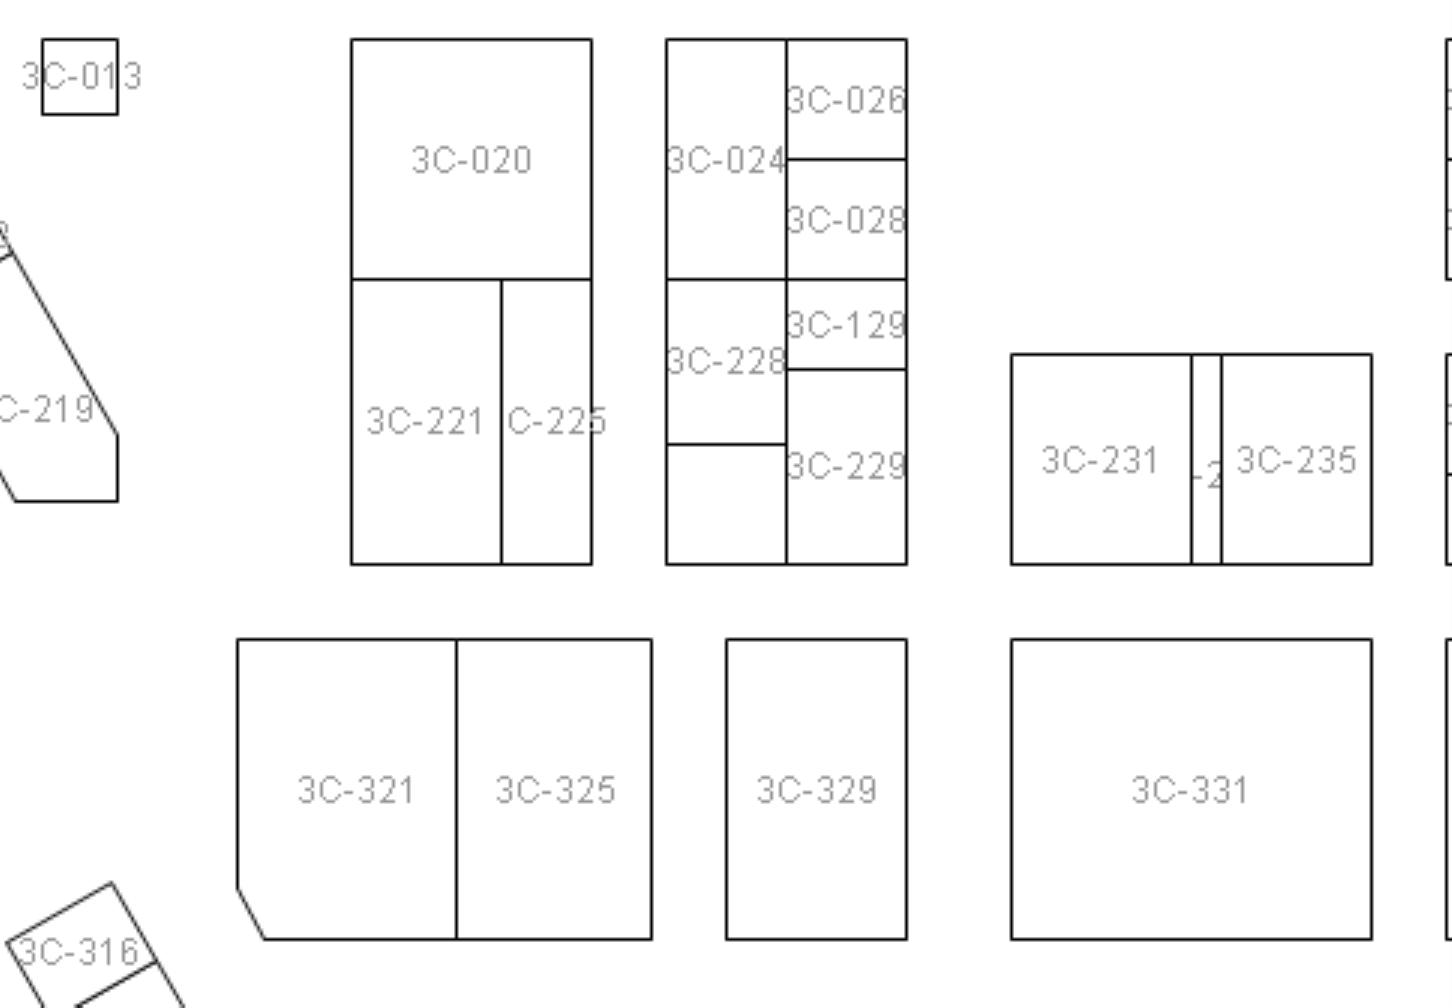 3C / 3C-227